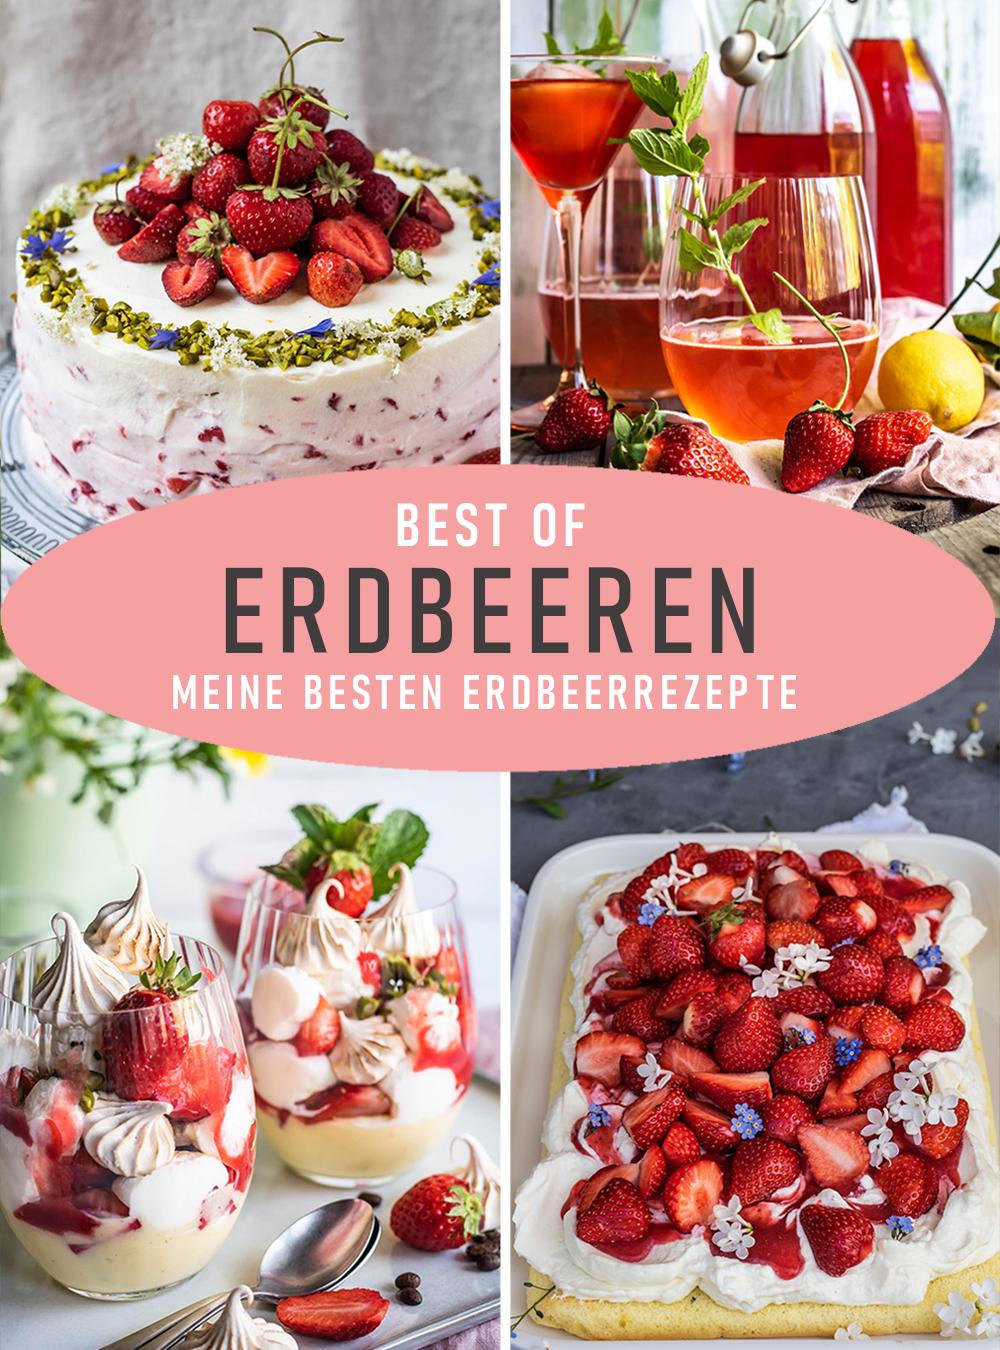 Best of Erdbeeren - meine besten Erdbeerrezepte von S-Kueche.com